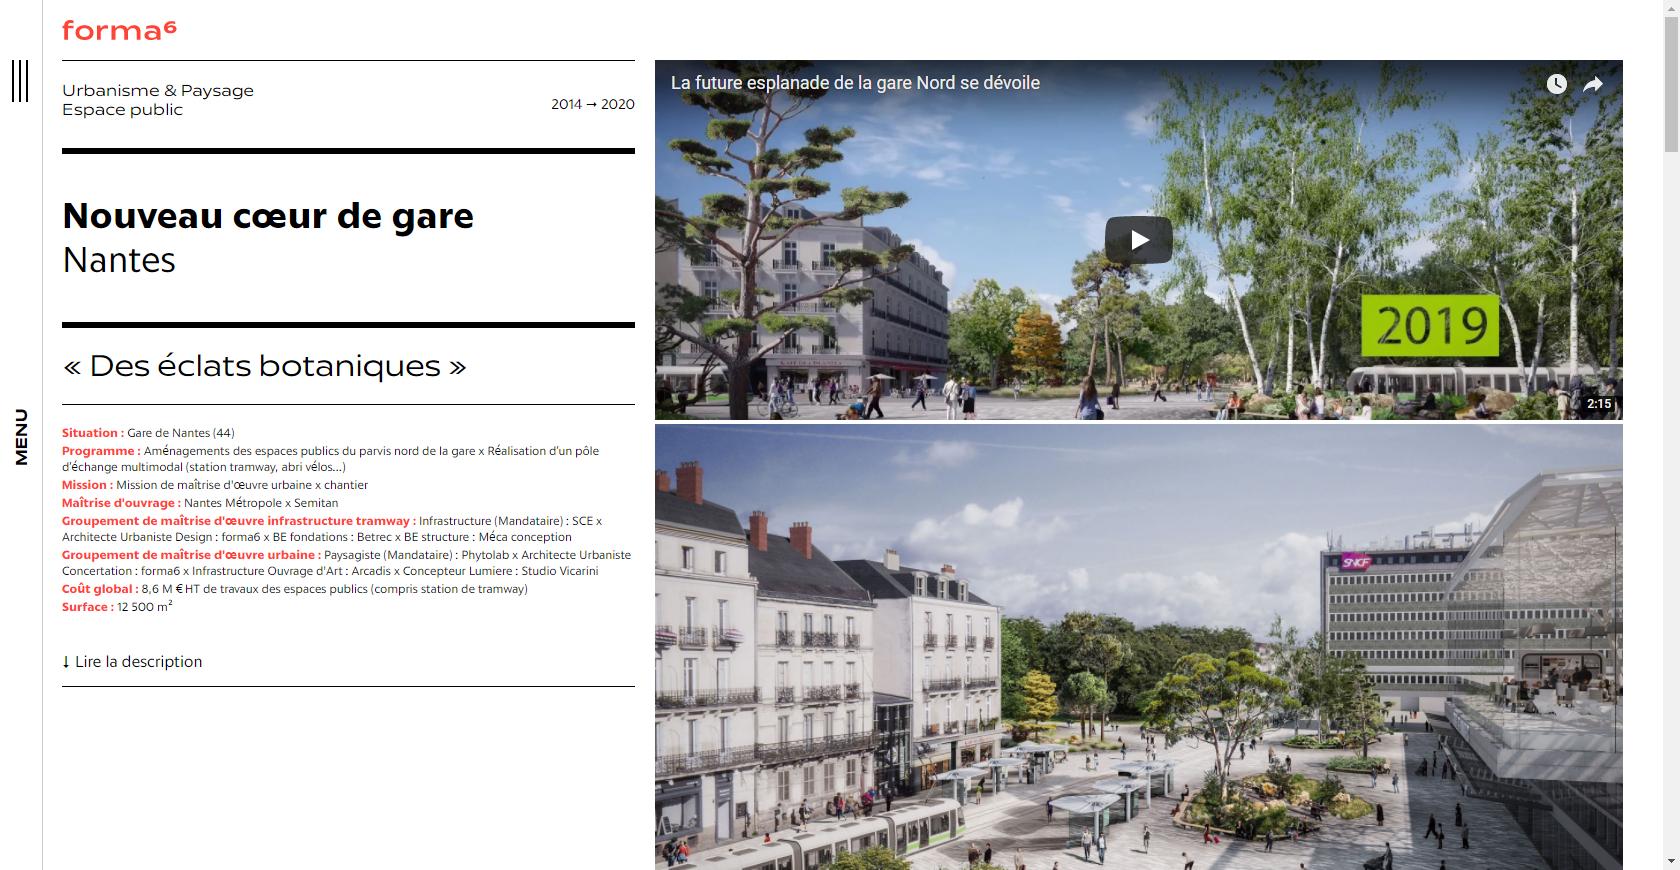 Extrait d'une page web du site de Forma 6 consacrée à un projet d'architecture Nantais